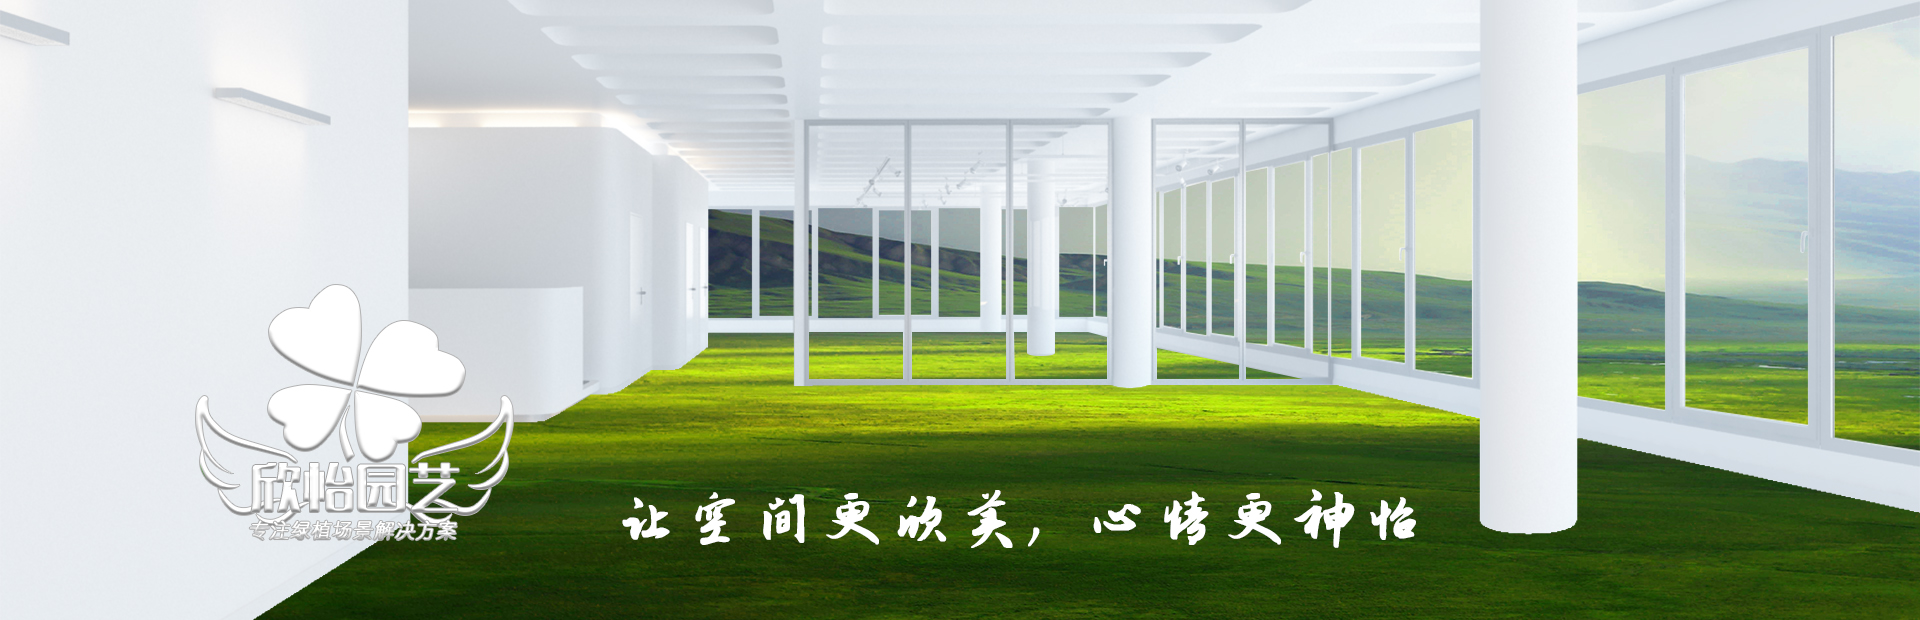 绿植租赁公司